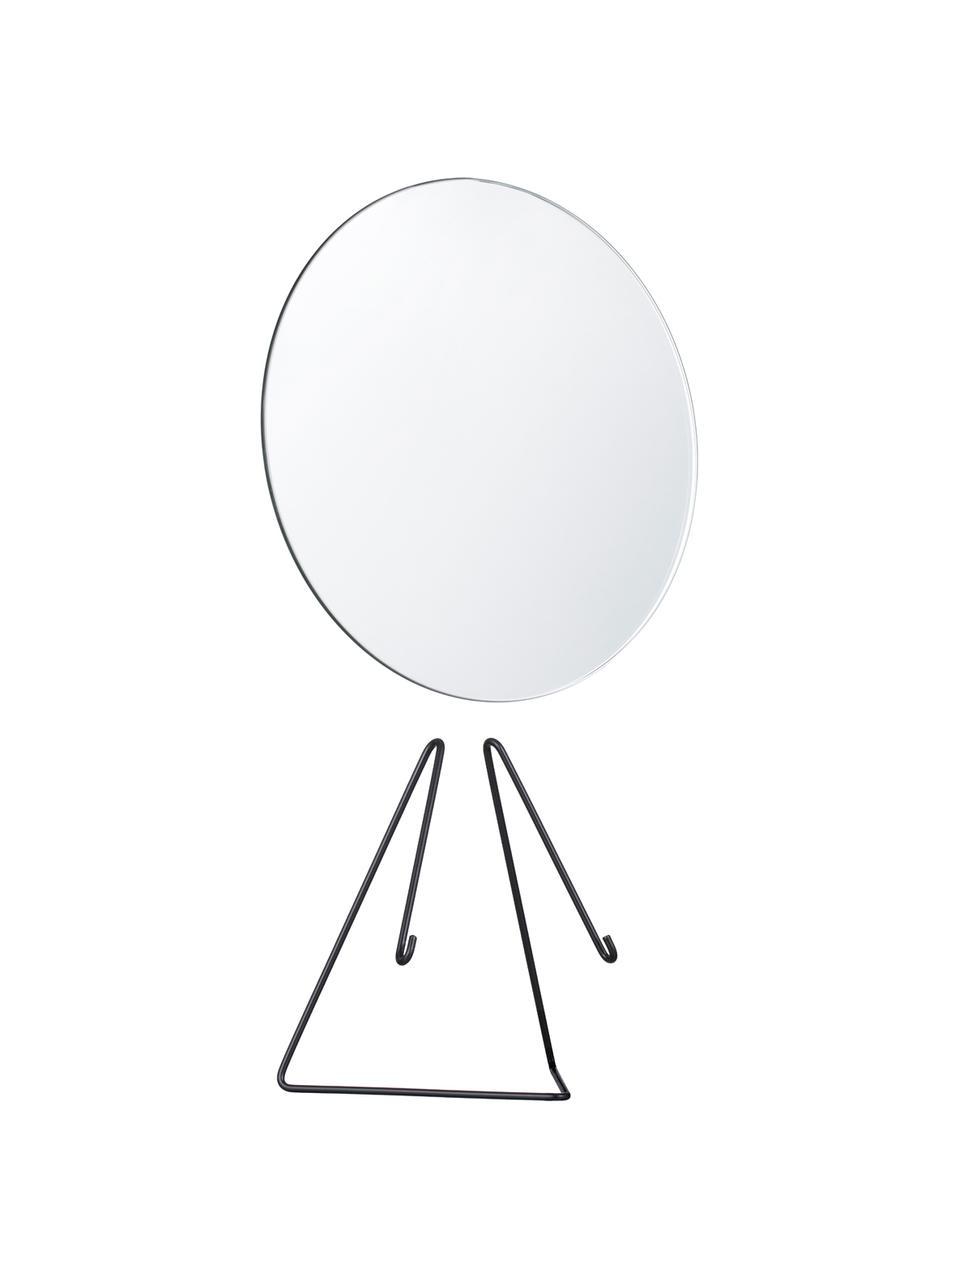 Make-up spiegel Standing Mirror, Lijst: zwart. Spiegel: spiegelglas, 20 x 23 cm